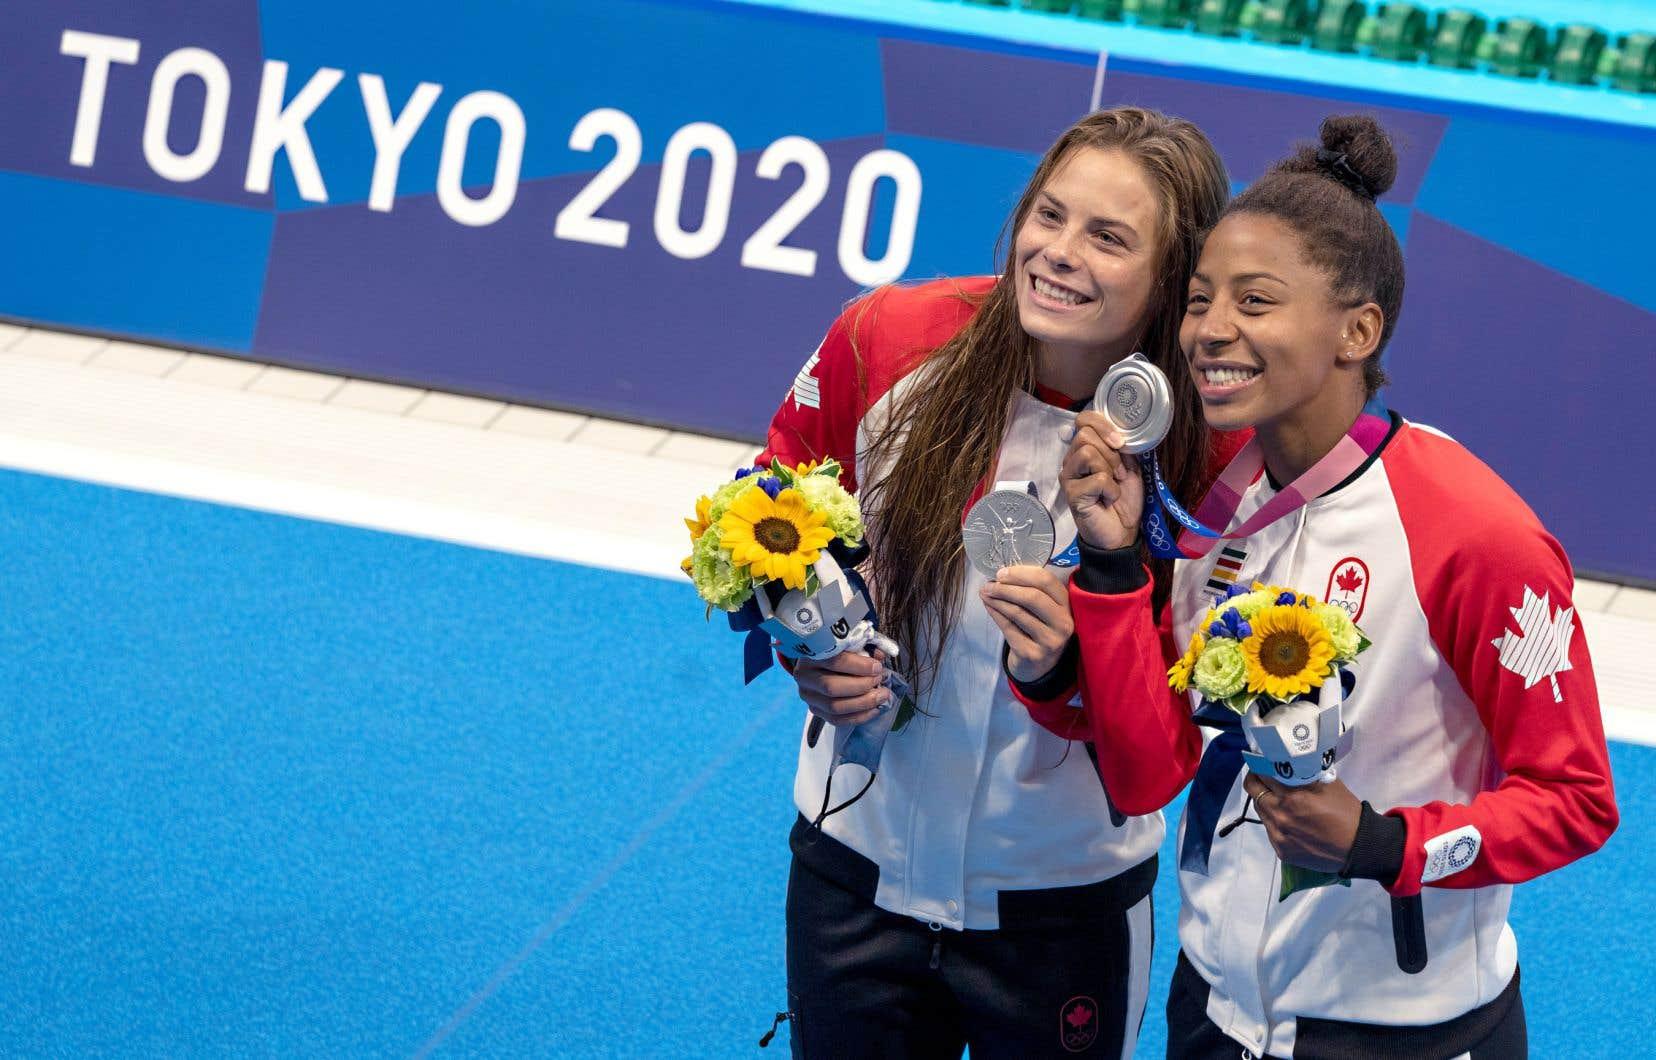 C'est la deuxième médaille olympique pour Jennifer Abel (à droite), après le bronze décroché à Londres, il y a neuf ans mais la première pour sa partenaire Mélissa Citrini-Beaulieu.